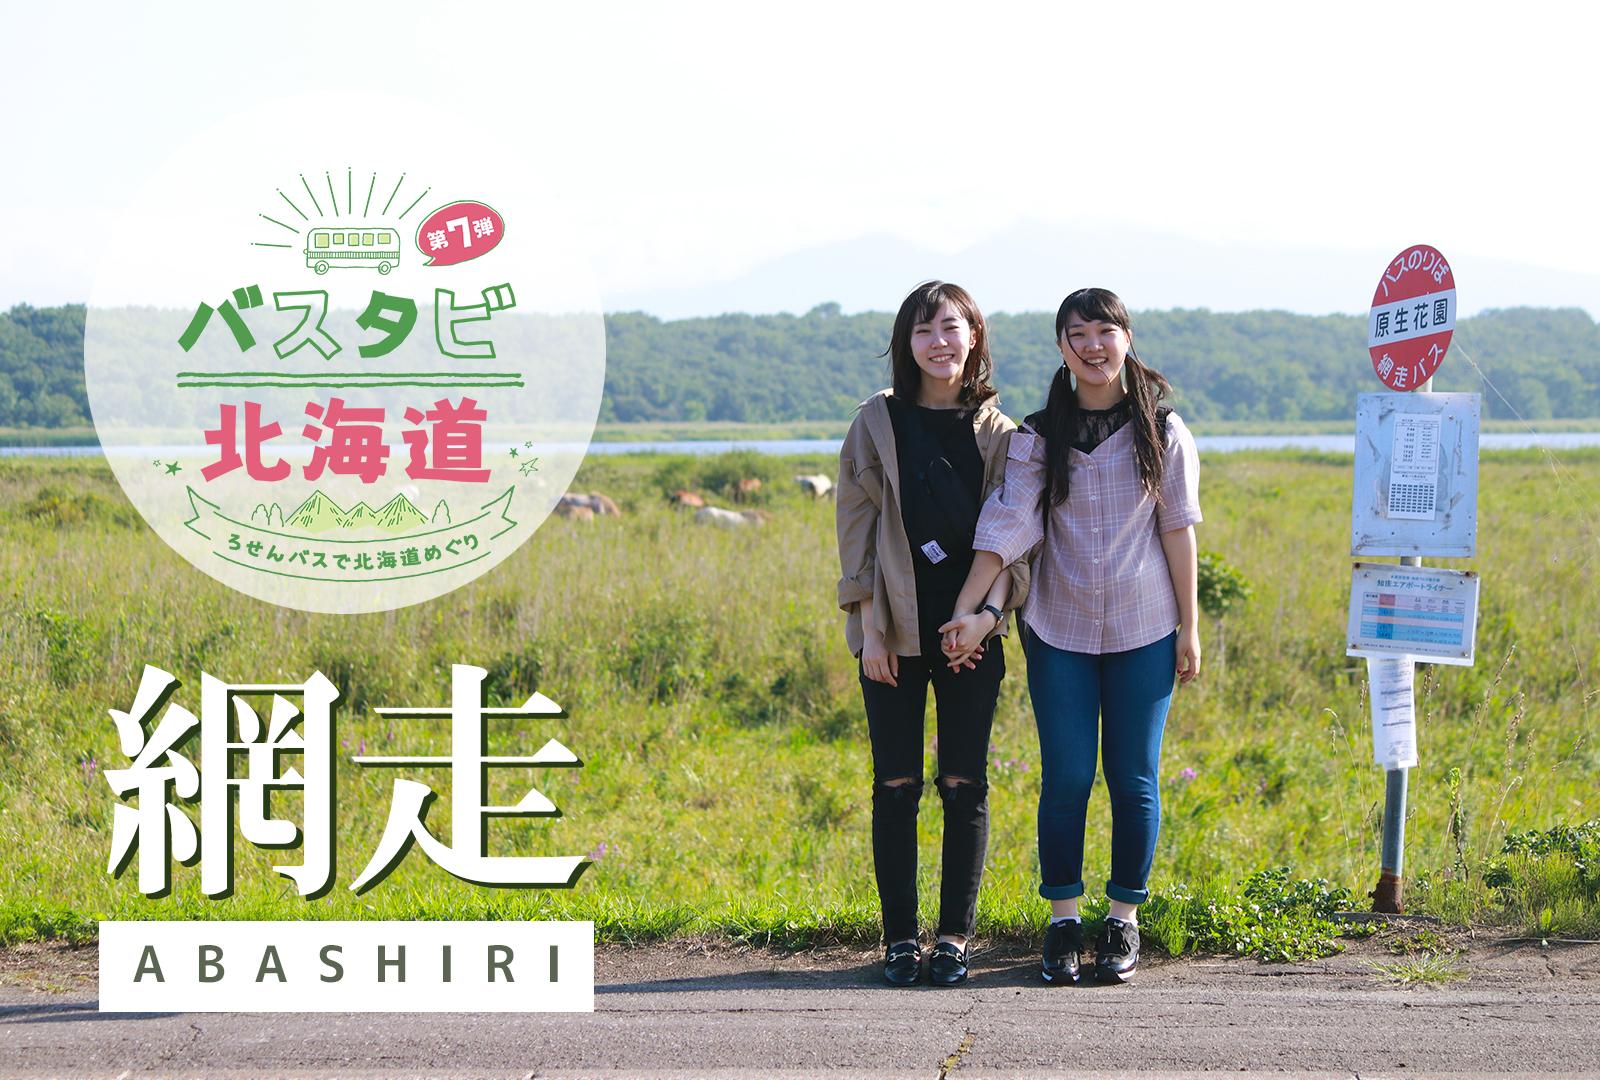 路線バスだけを使って北海道を旅しよう!連載「バスタビ北海道」一覧